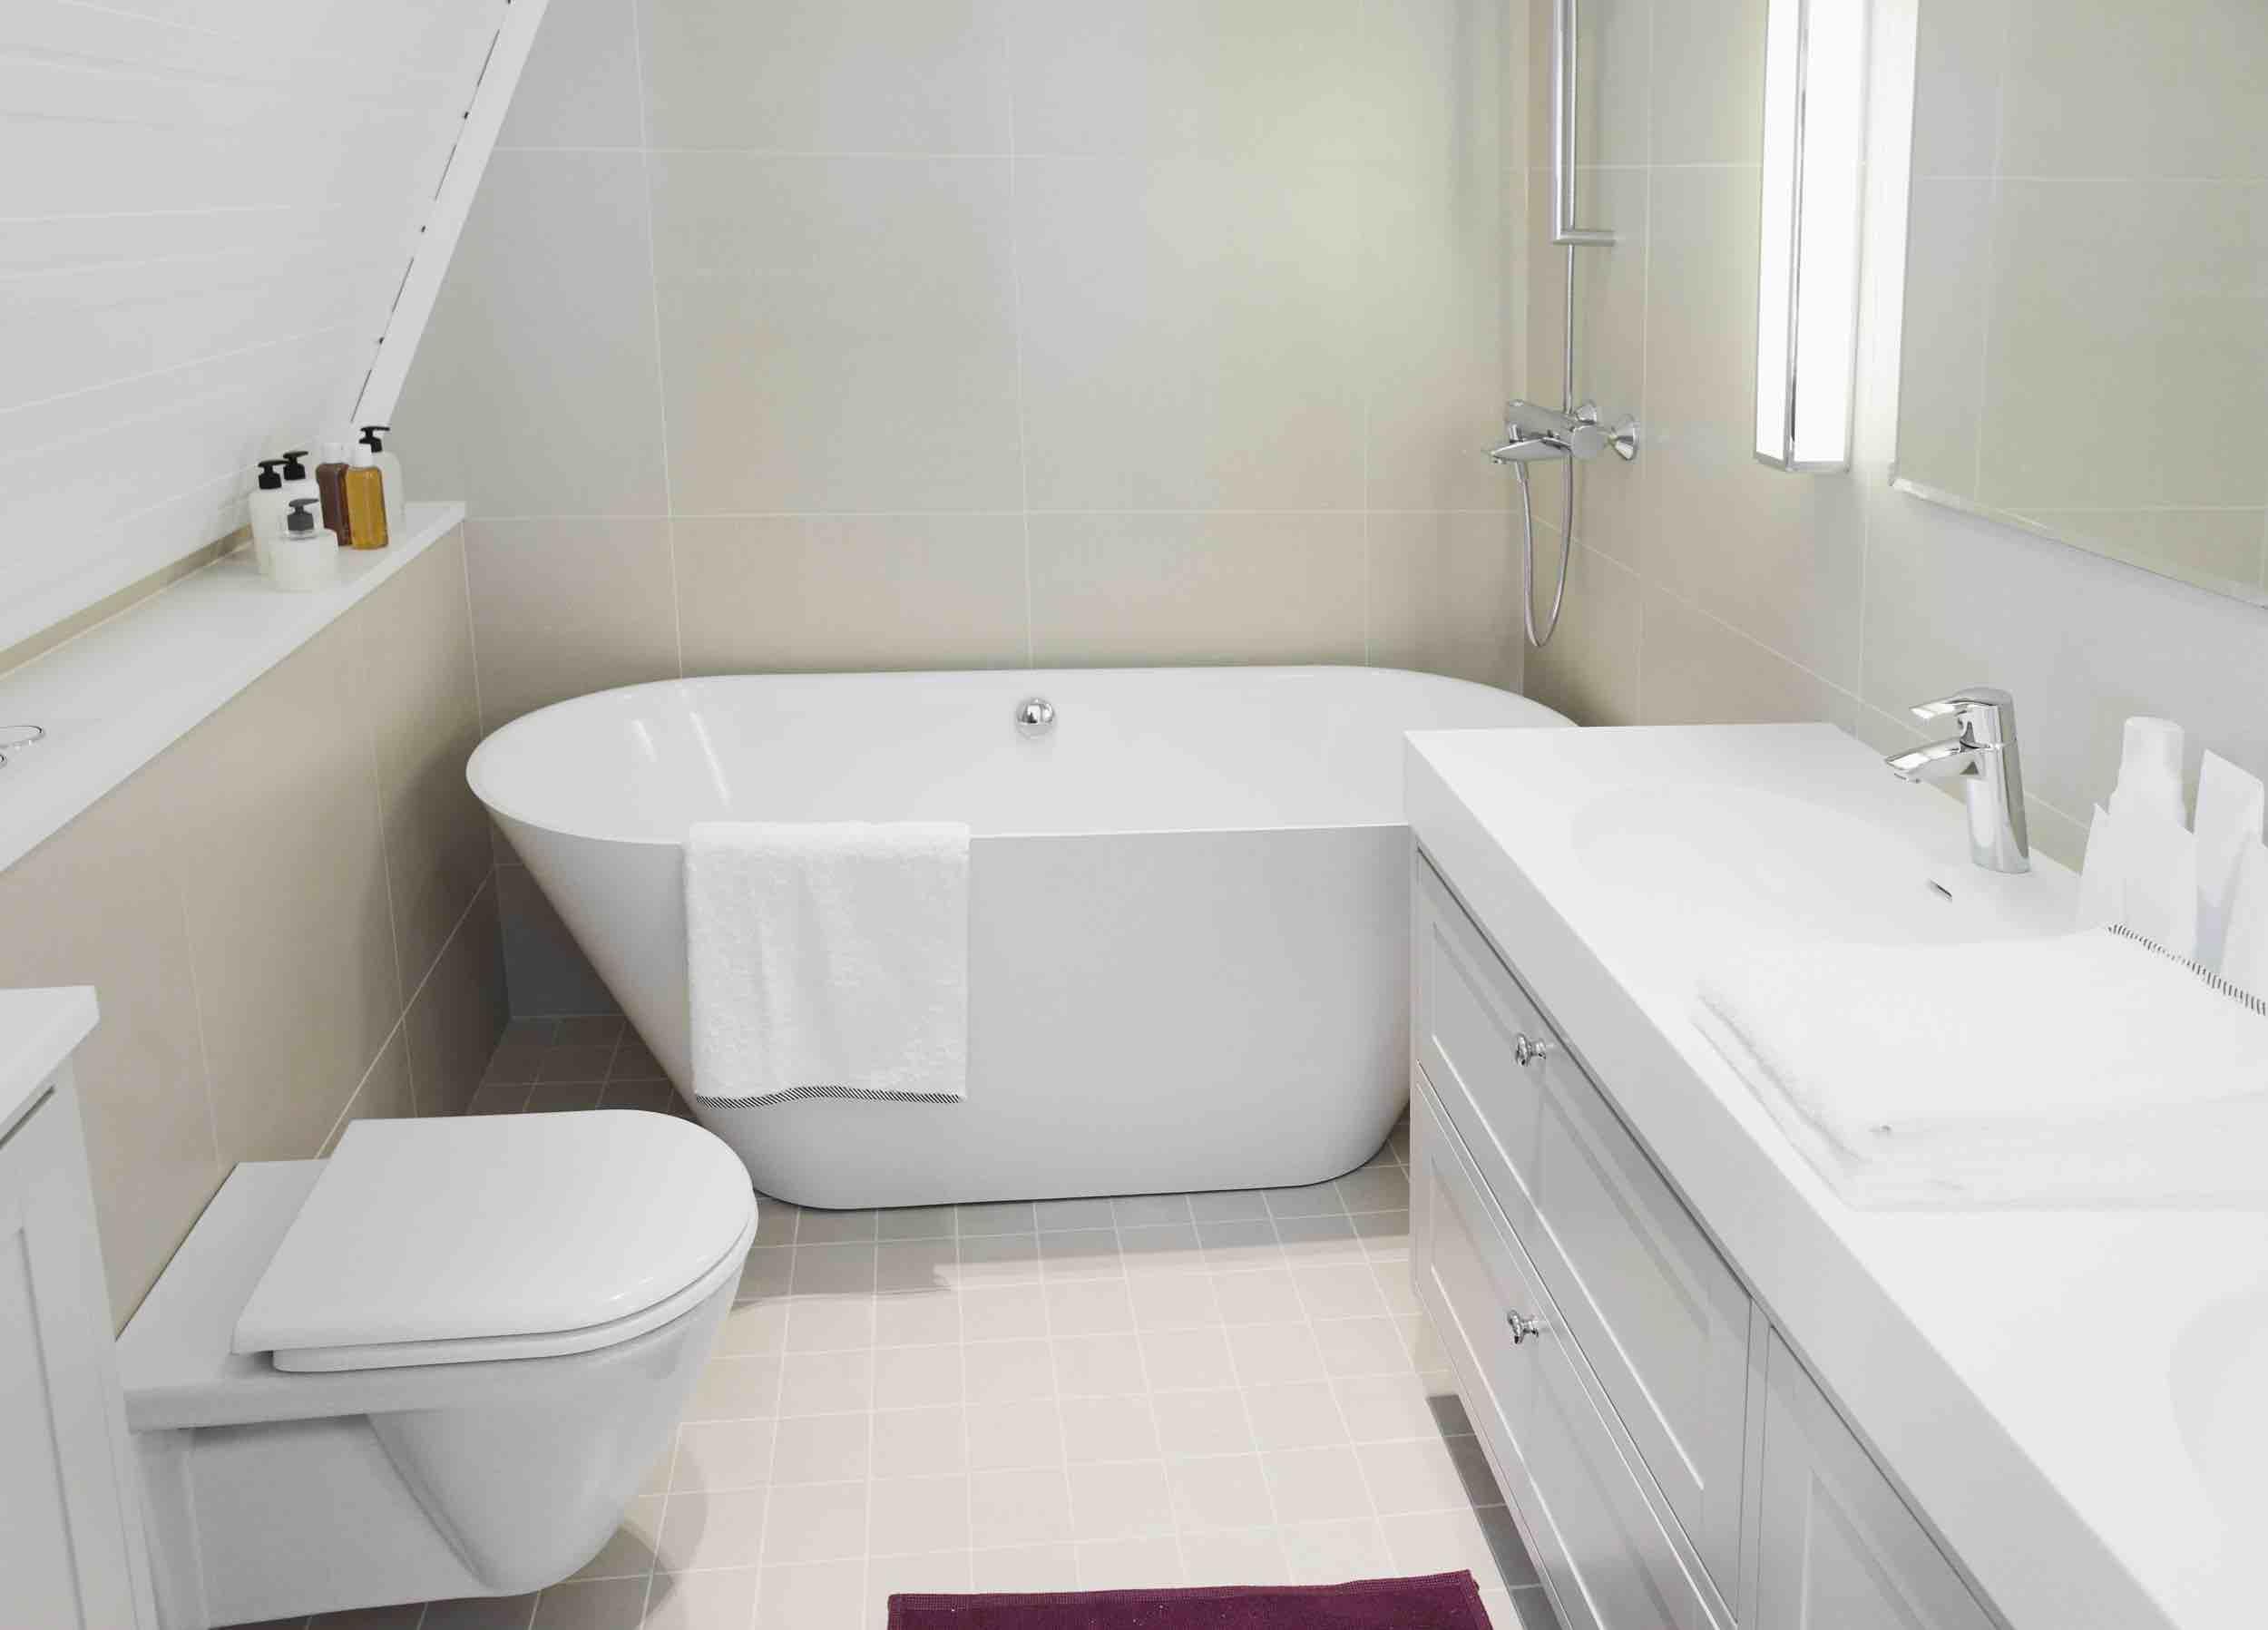 slimme badkamer indelingen ideeà n en oplossingen